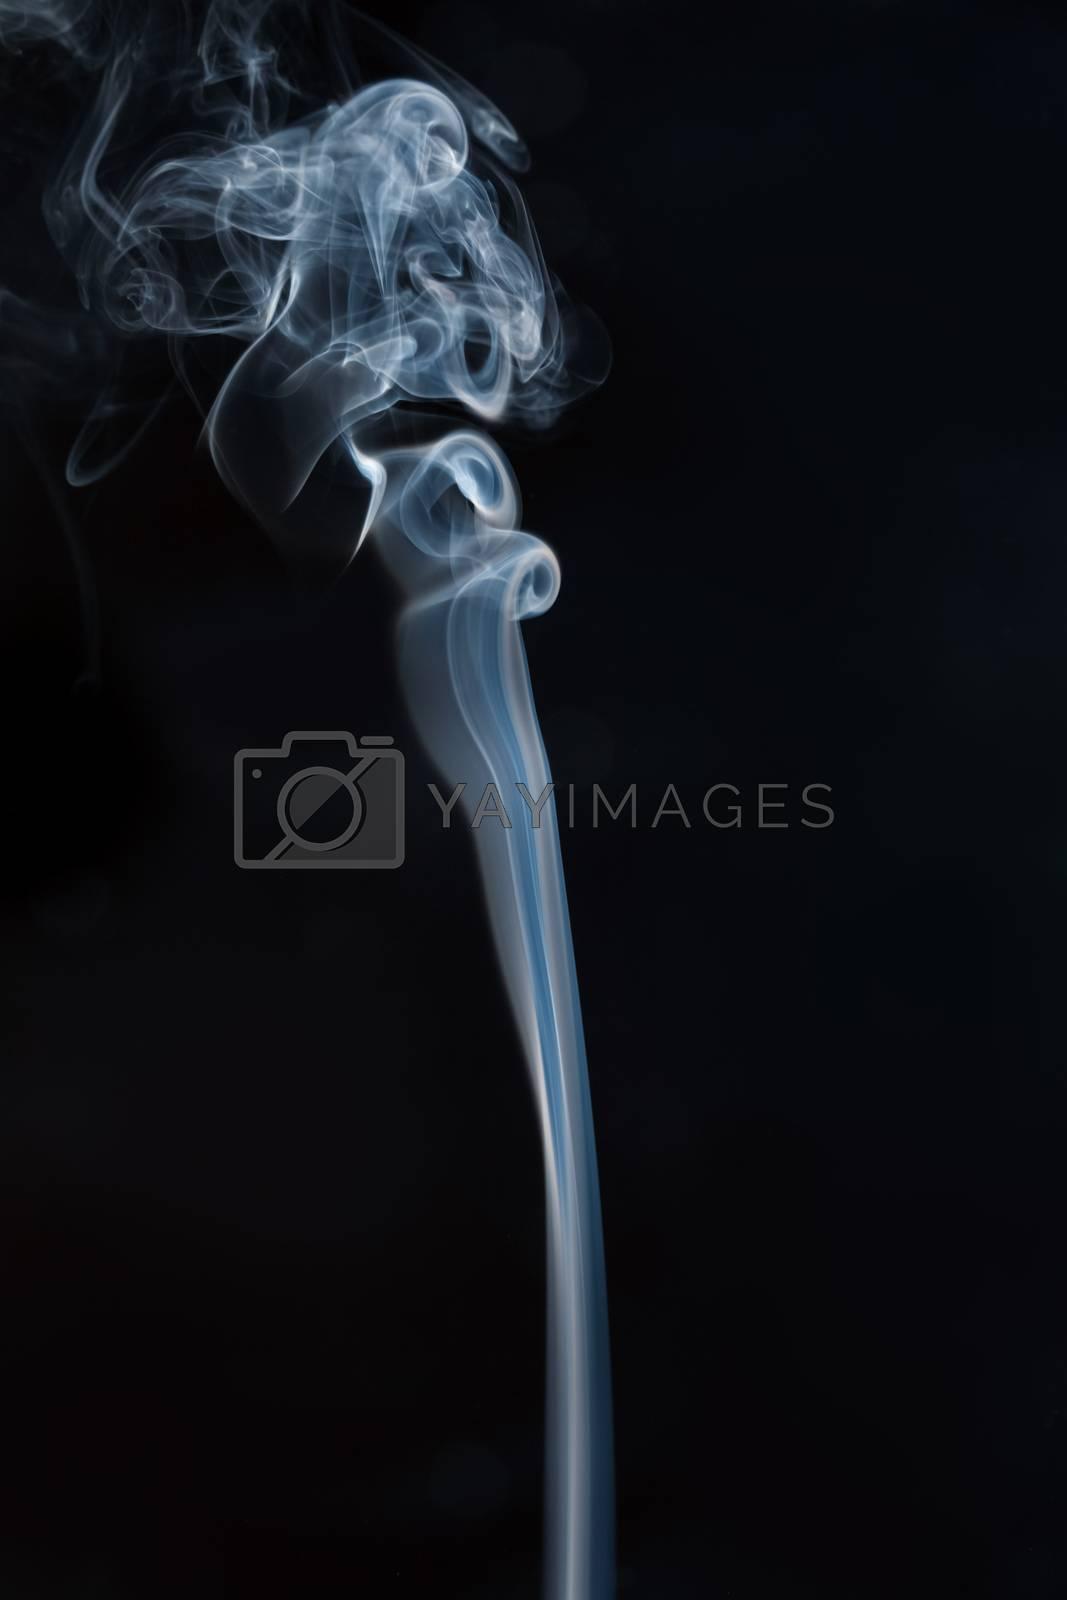 An image of a beautiful smoke background